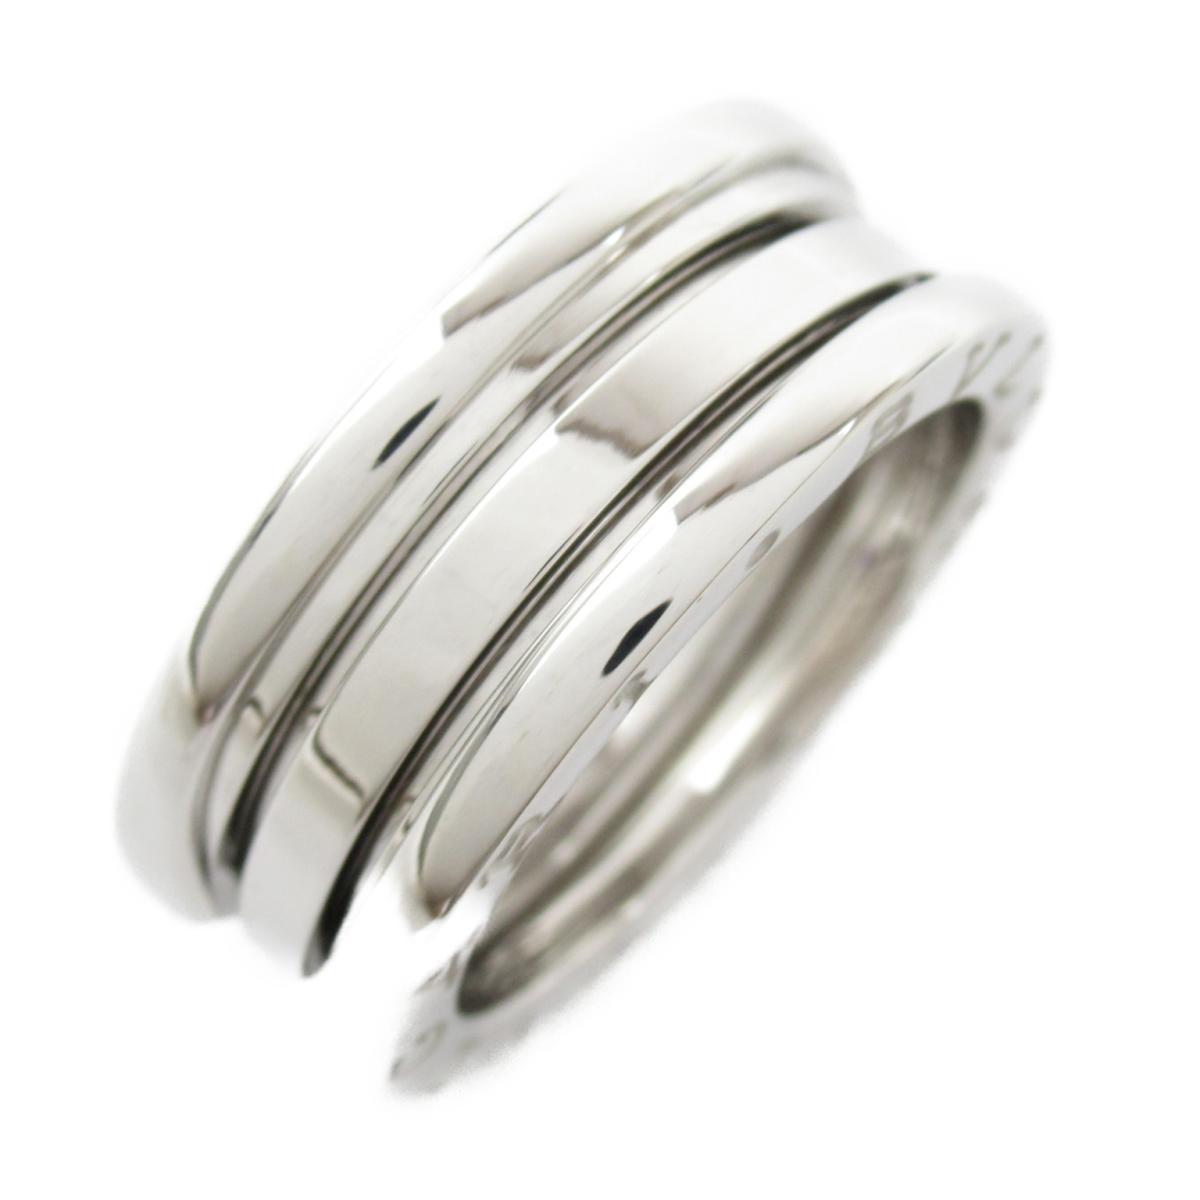 【中古】 ブルガリ B-zero1 リング Sサイズ ビーゼロワン 指輪 レディース K18WG (750) ホワイトゴールド (323529) | BVLGARI BRANDOFF ブランドオフ ブランド ジュエリー アクセサリー